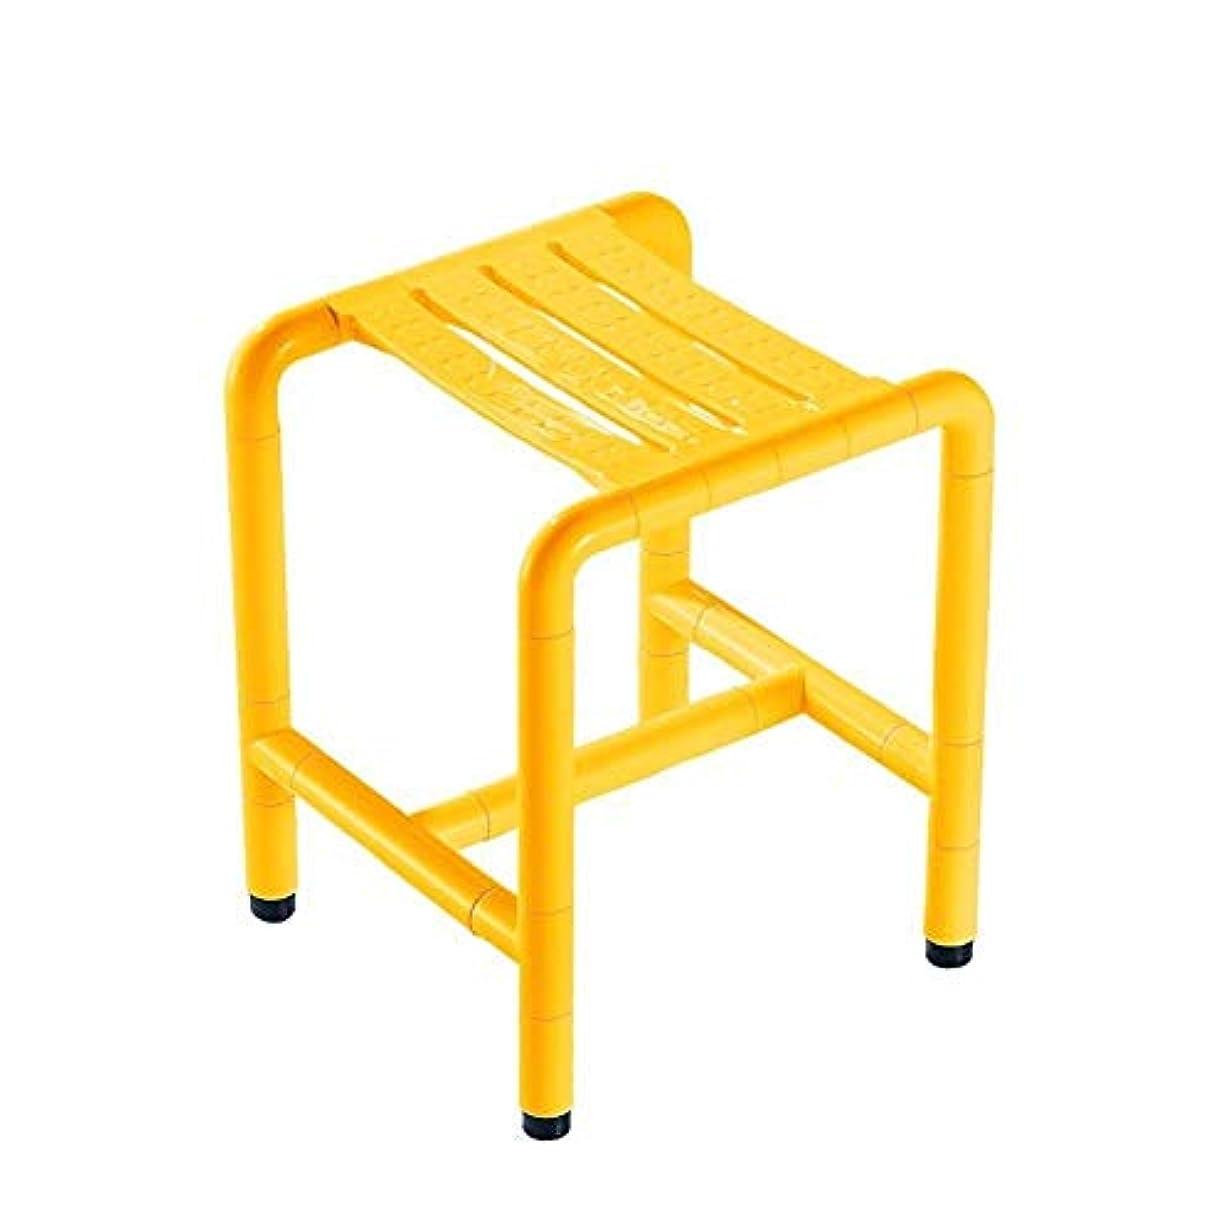 ゾーン馬鹿げたメールバスシート、軽量高さ調節可能なシャワースツール、バスルームの安全性とセキュリティ、高齢者、身体障害者 (Color : 黄)